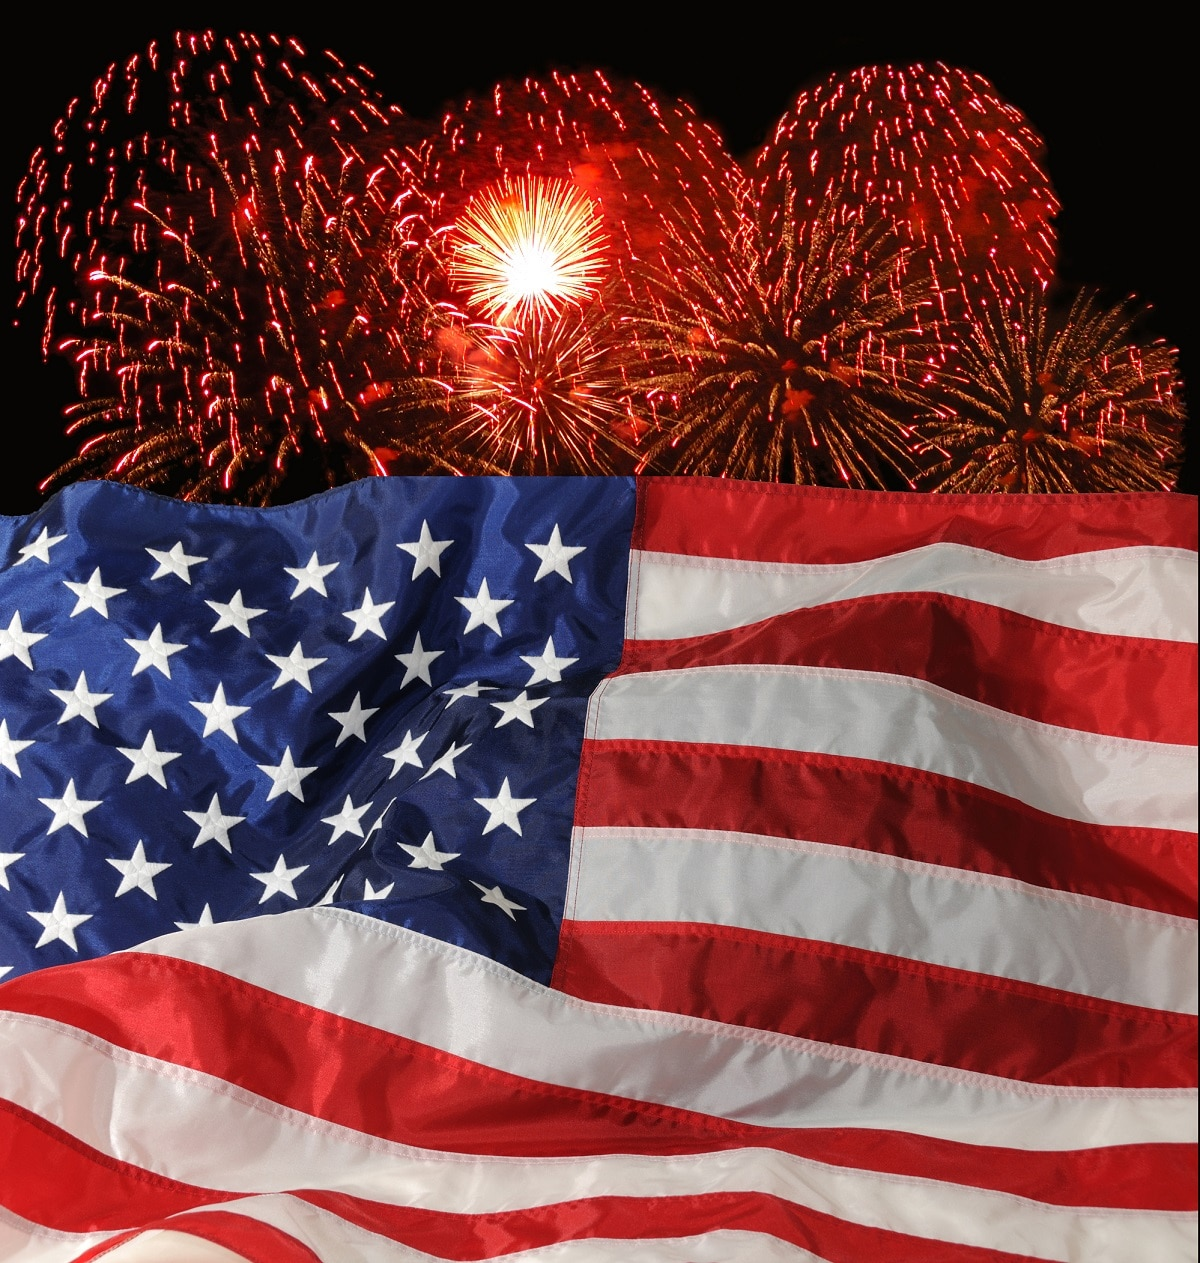 mejores destinos para celebrar el 4 de julio